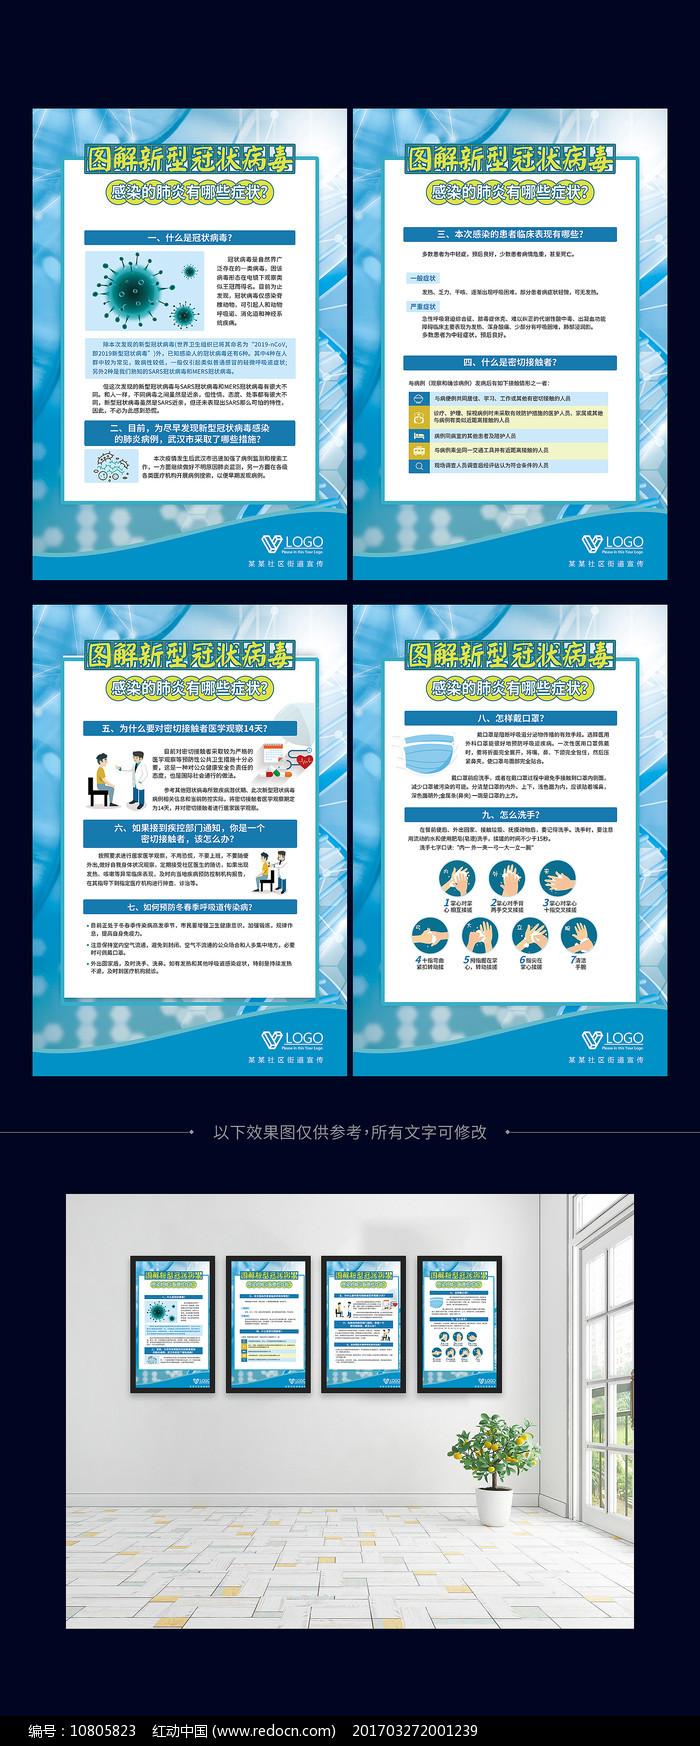 图解新型冠状病毒海报展板设计图片